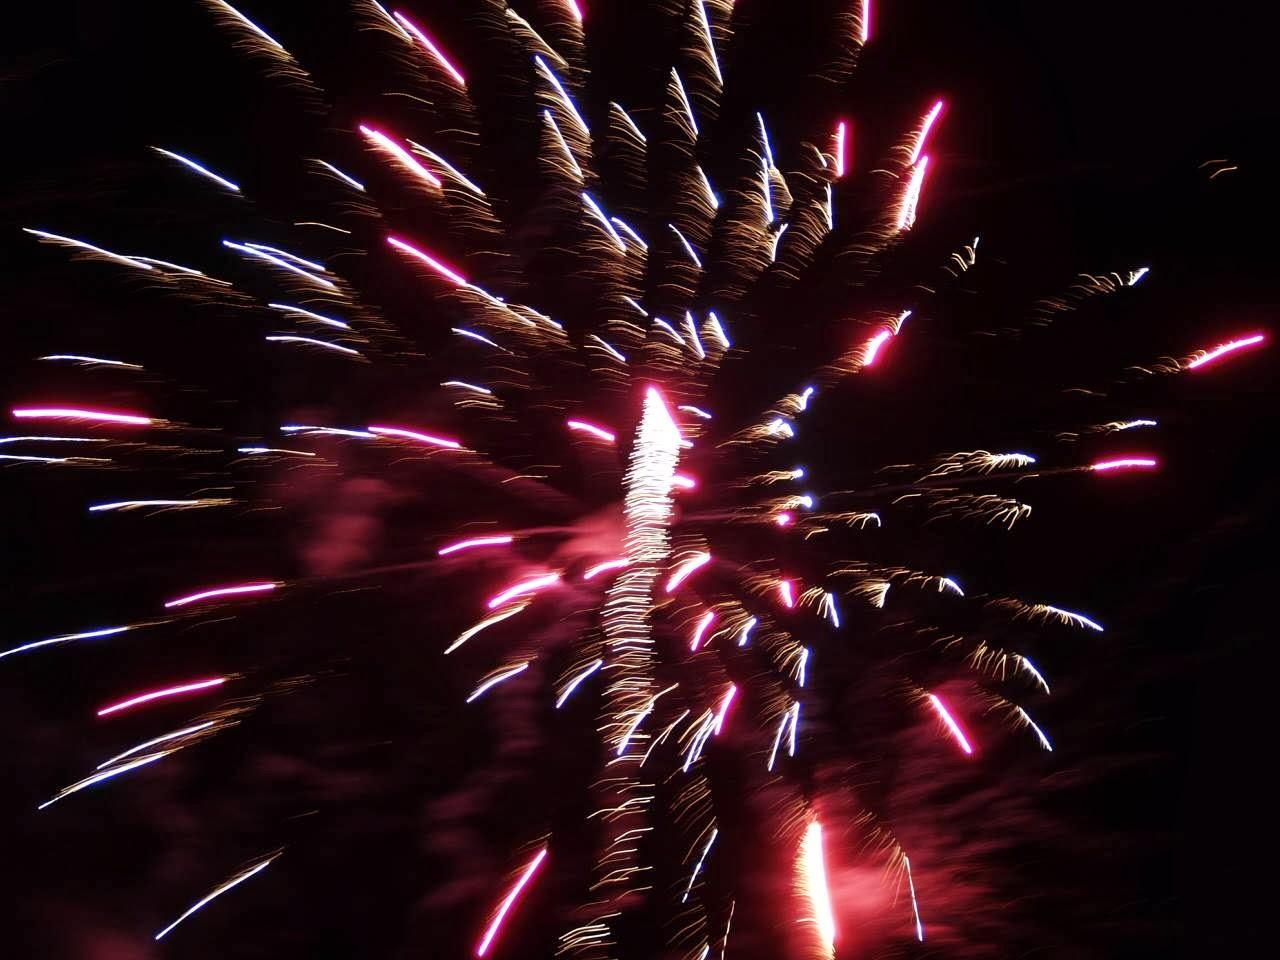 Smotra, Smotra 2006 - P0220978.JPG